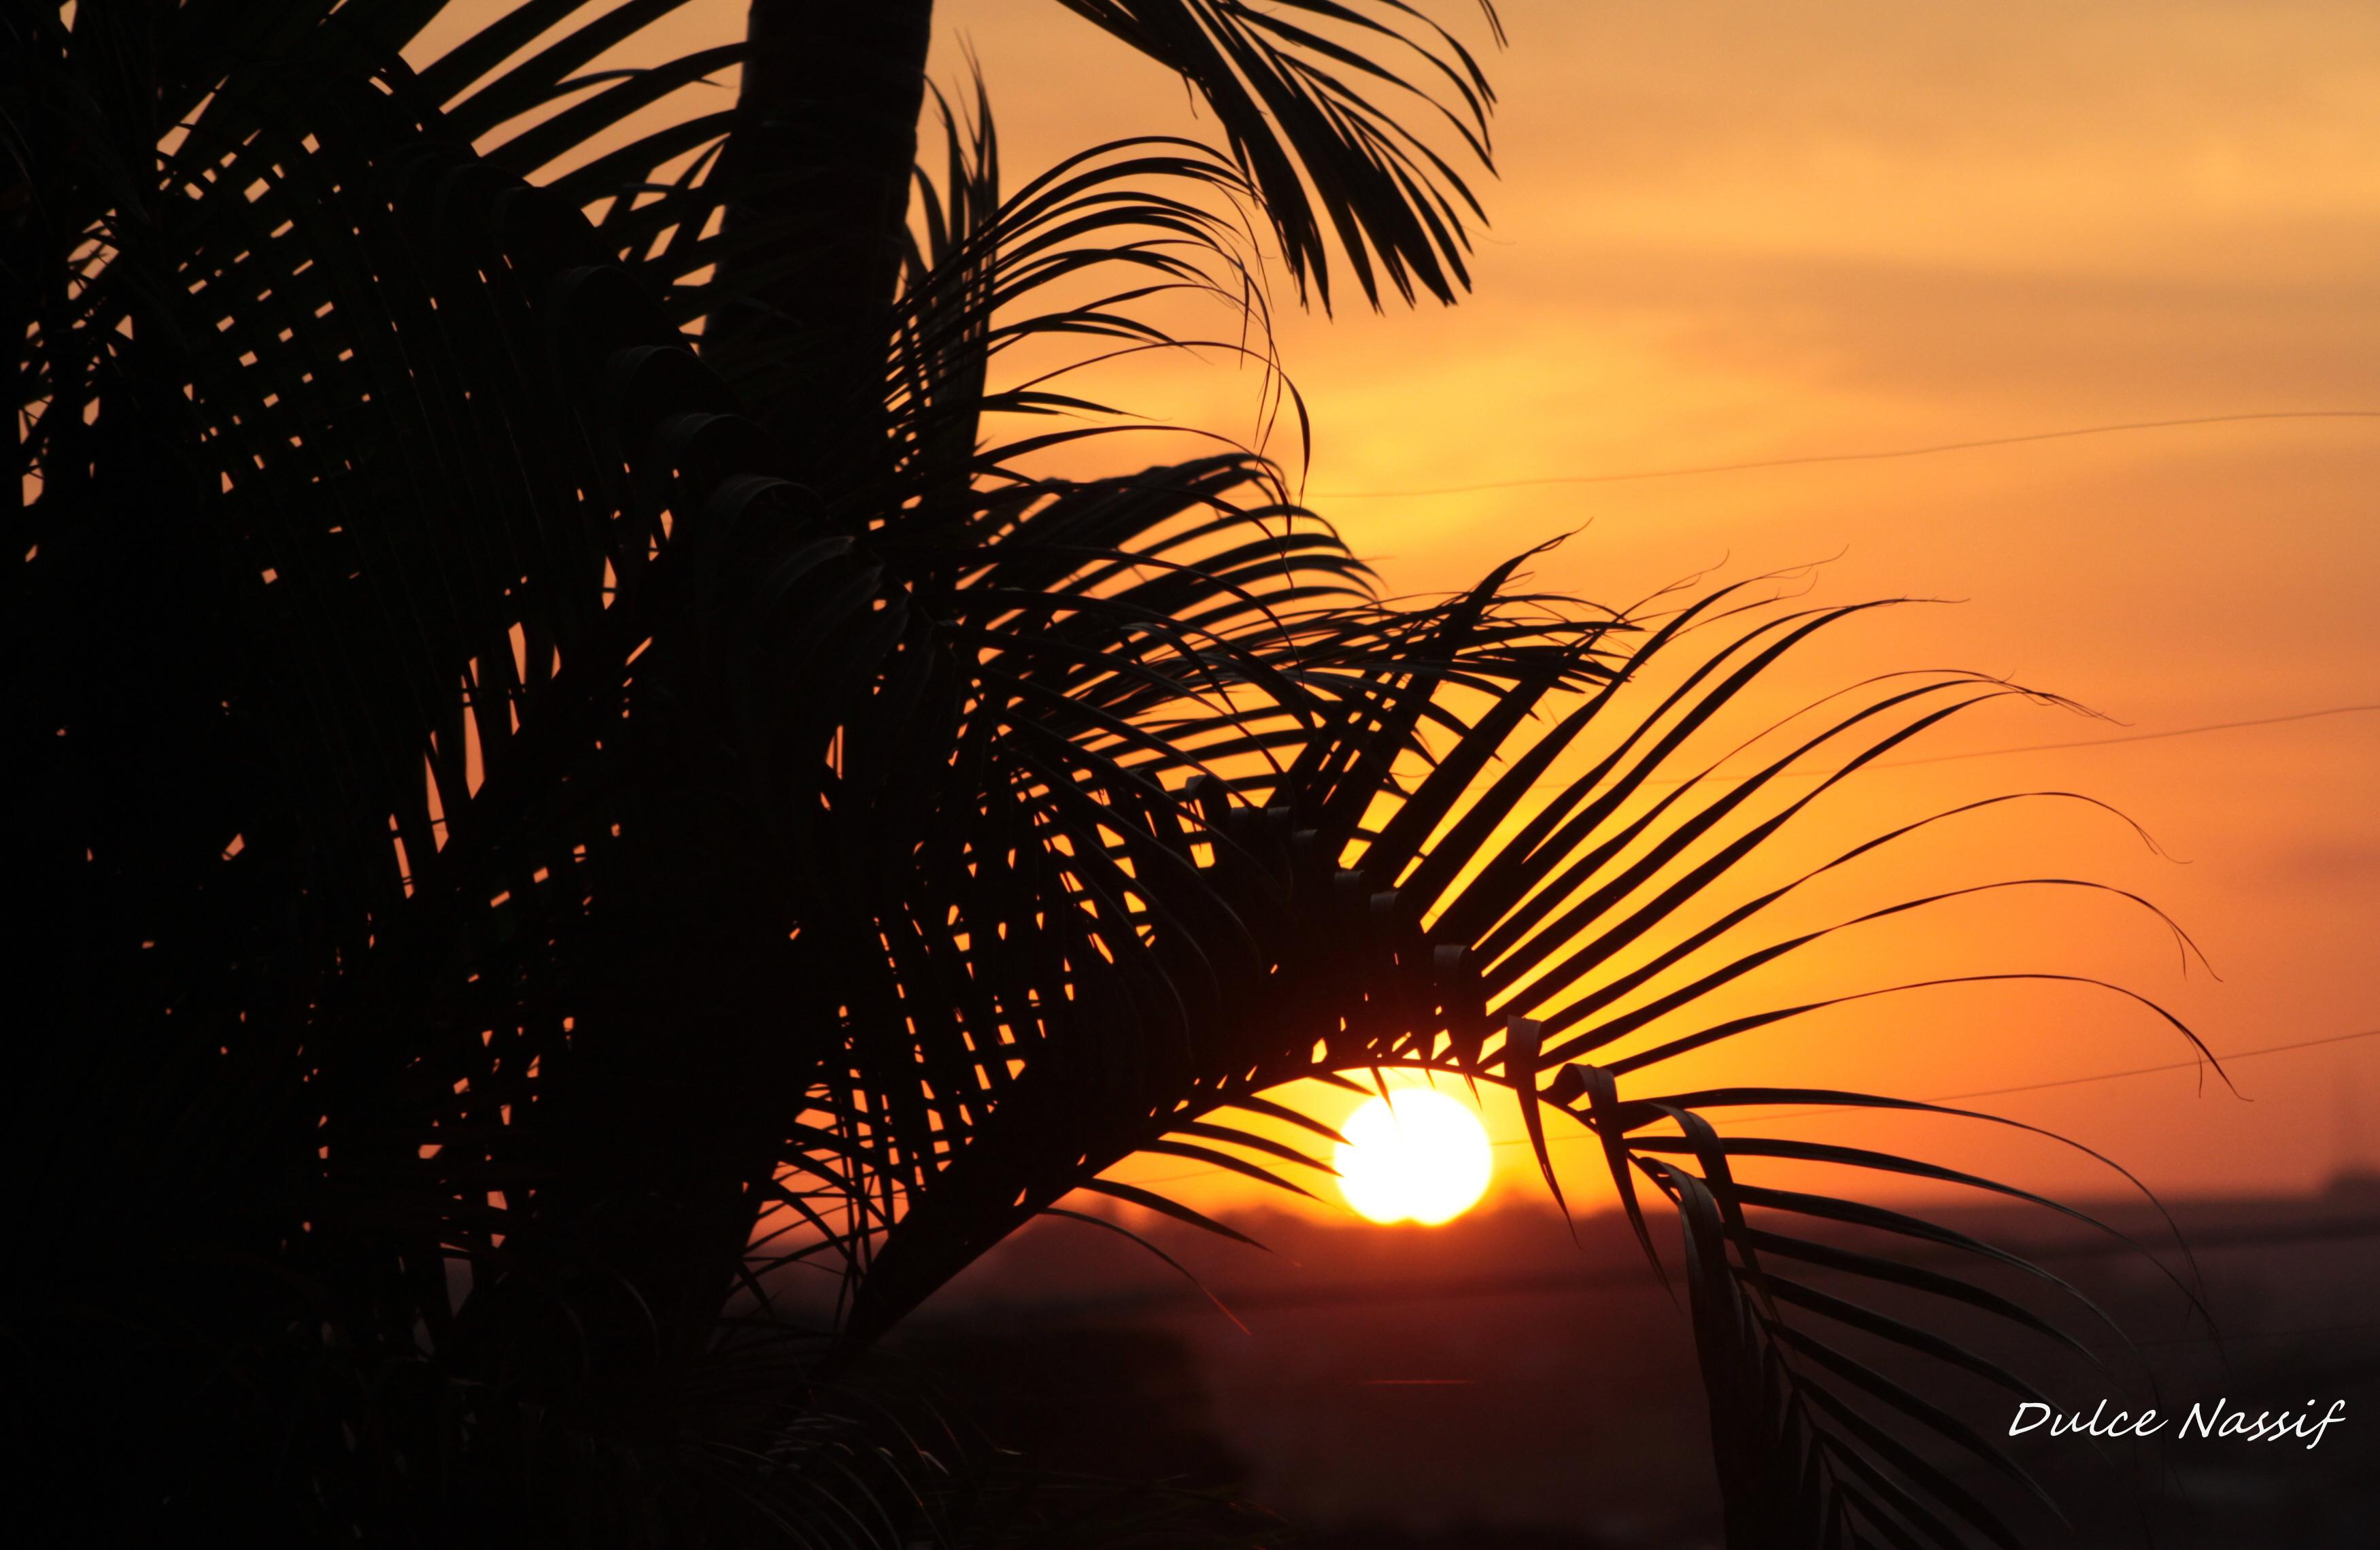 Wallpaper Sunlight Sunset Sky Silhouette Sunrise Evening